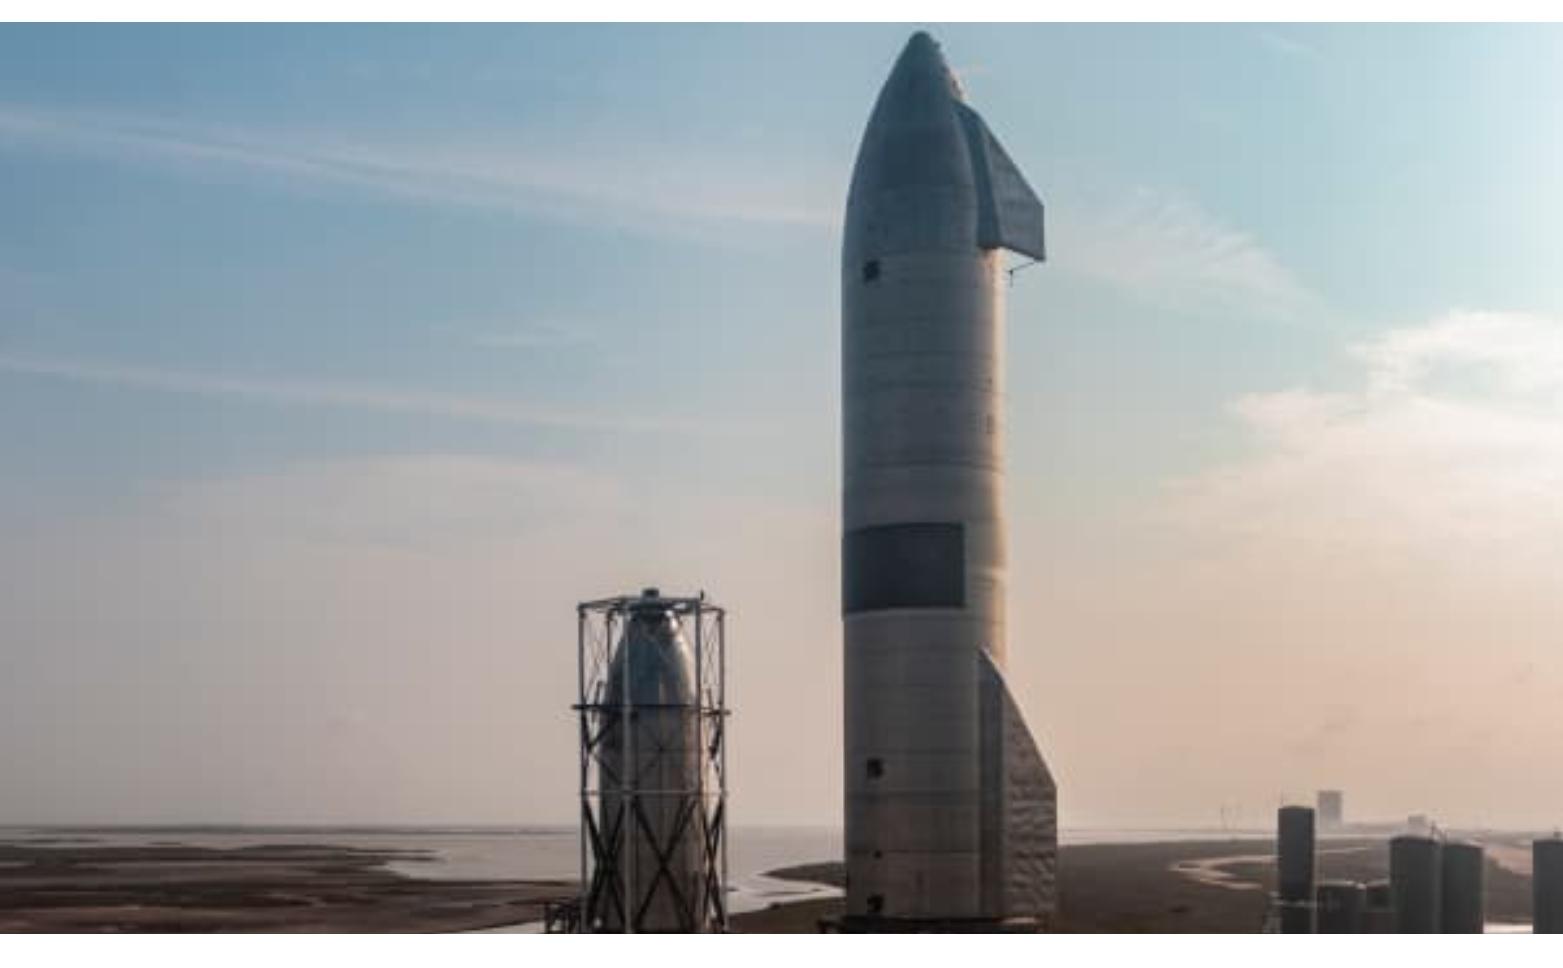 SpaceX 計劃在 7 月發射首次軌道星際飛船飛行